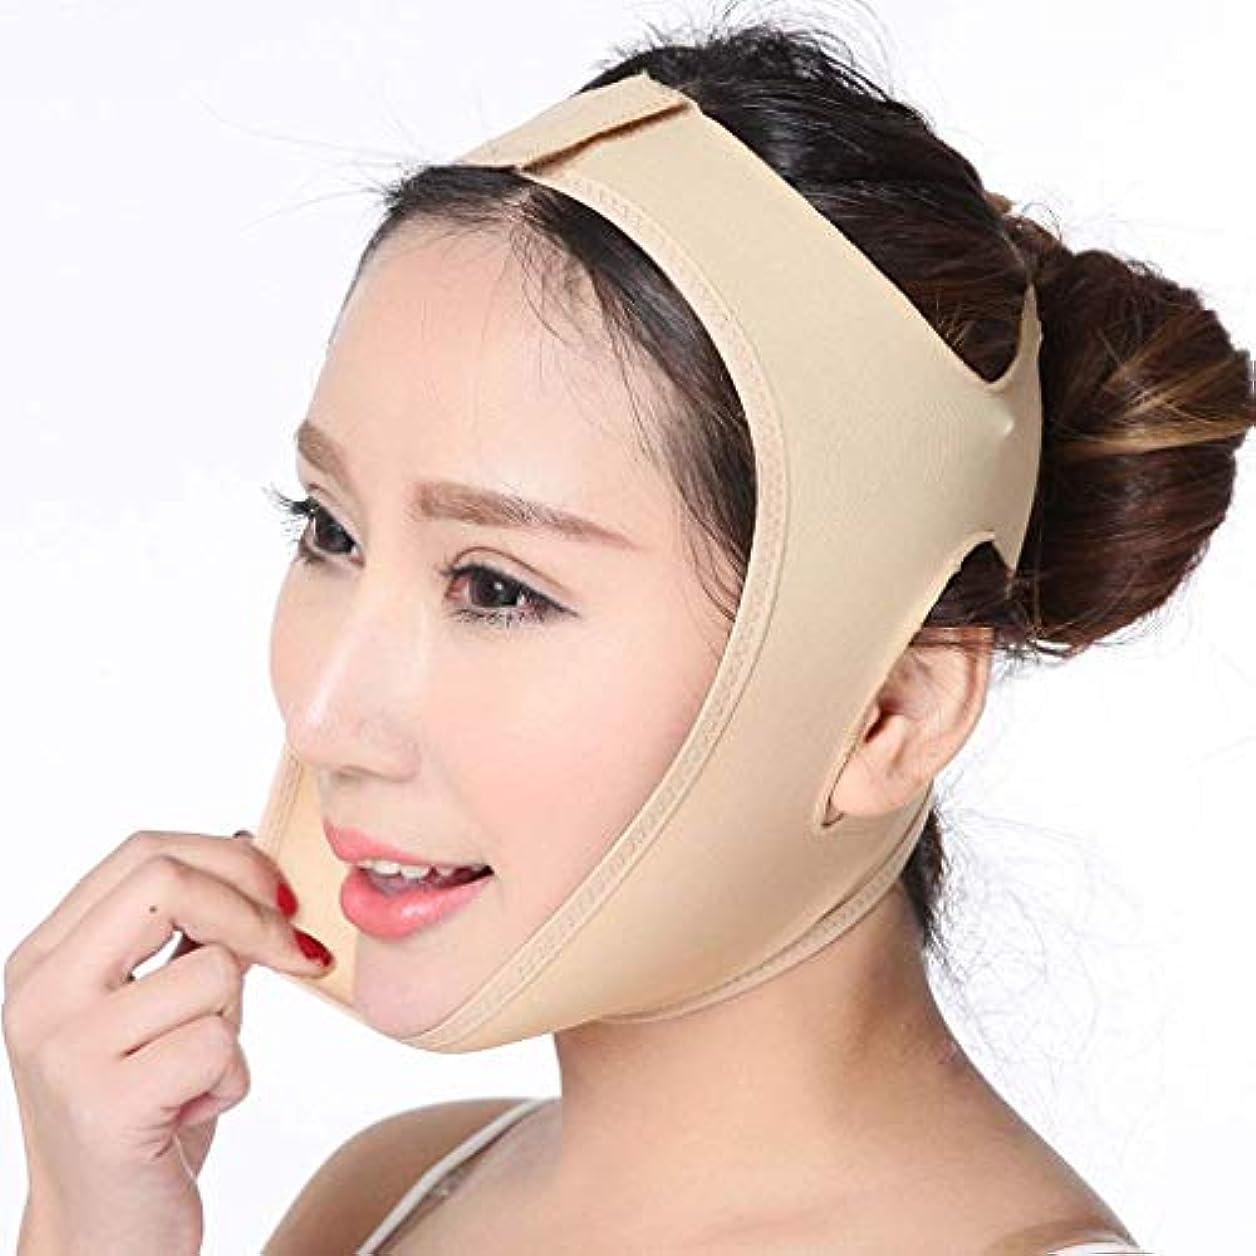 フェイスリフティング包帯、スリムマスク頬紅顔/痩身包帯をスリミング睡眠とV顔は、二重あご通気性、肌を減らす (XXL)